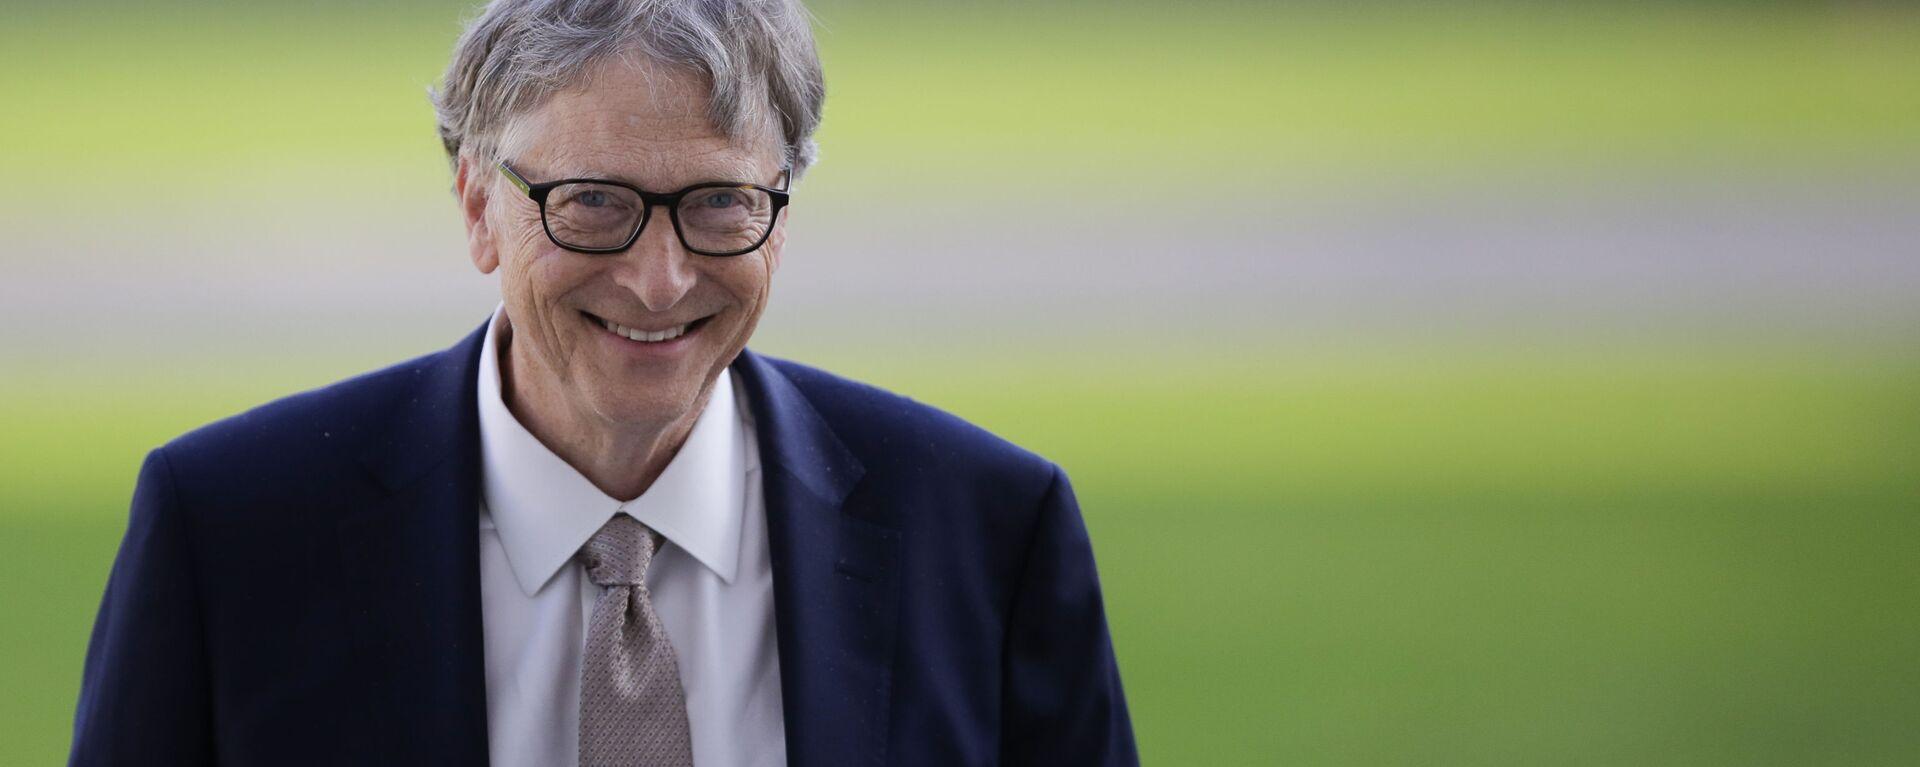 Bill Gates, fundador de Microsoft - Sputnik Mundo, 1920, 28.10.2020